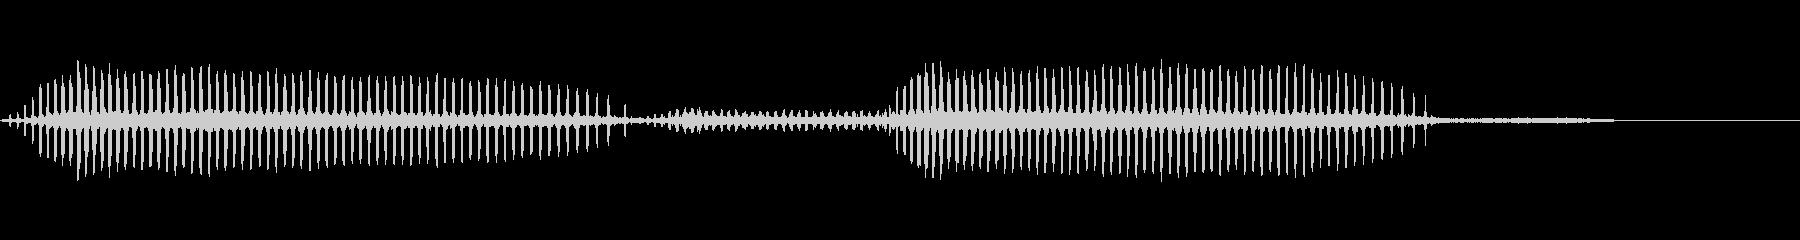 ヒグラシの鳴き声(近距離で合唱)の未再生の波形